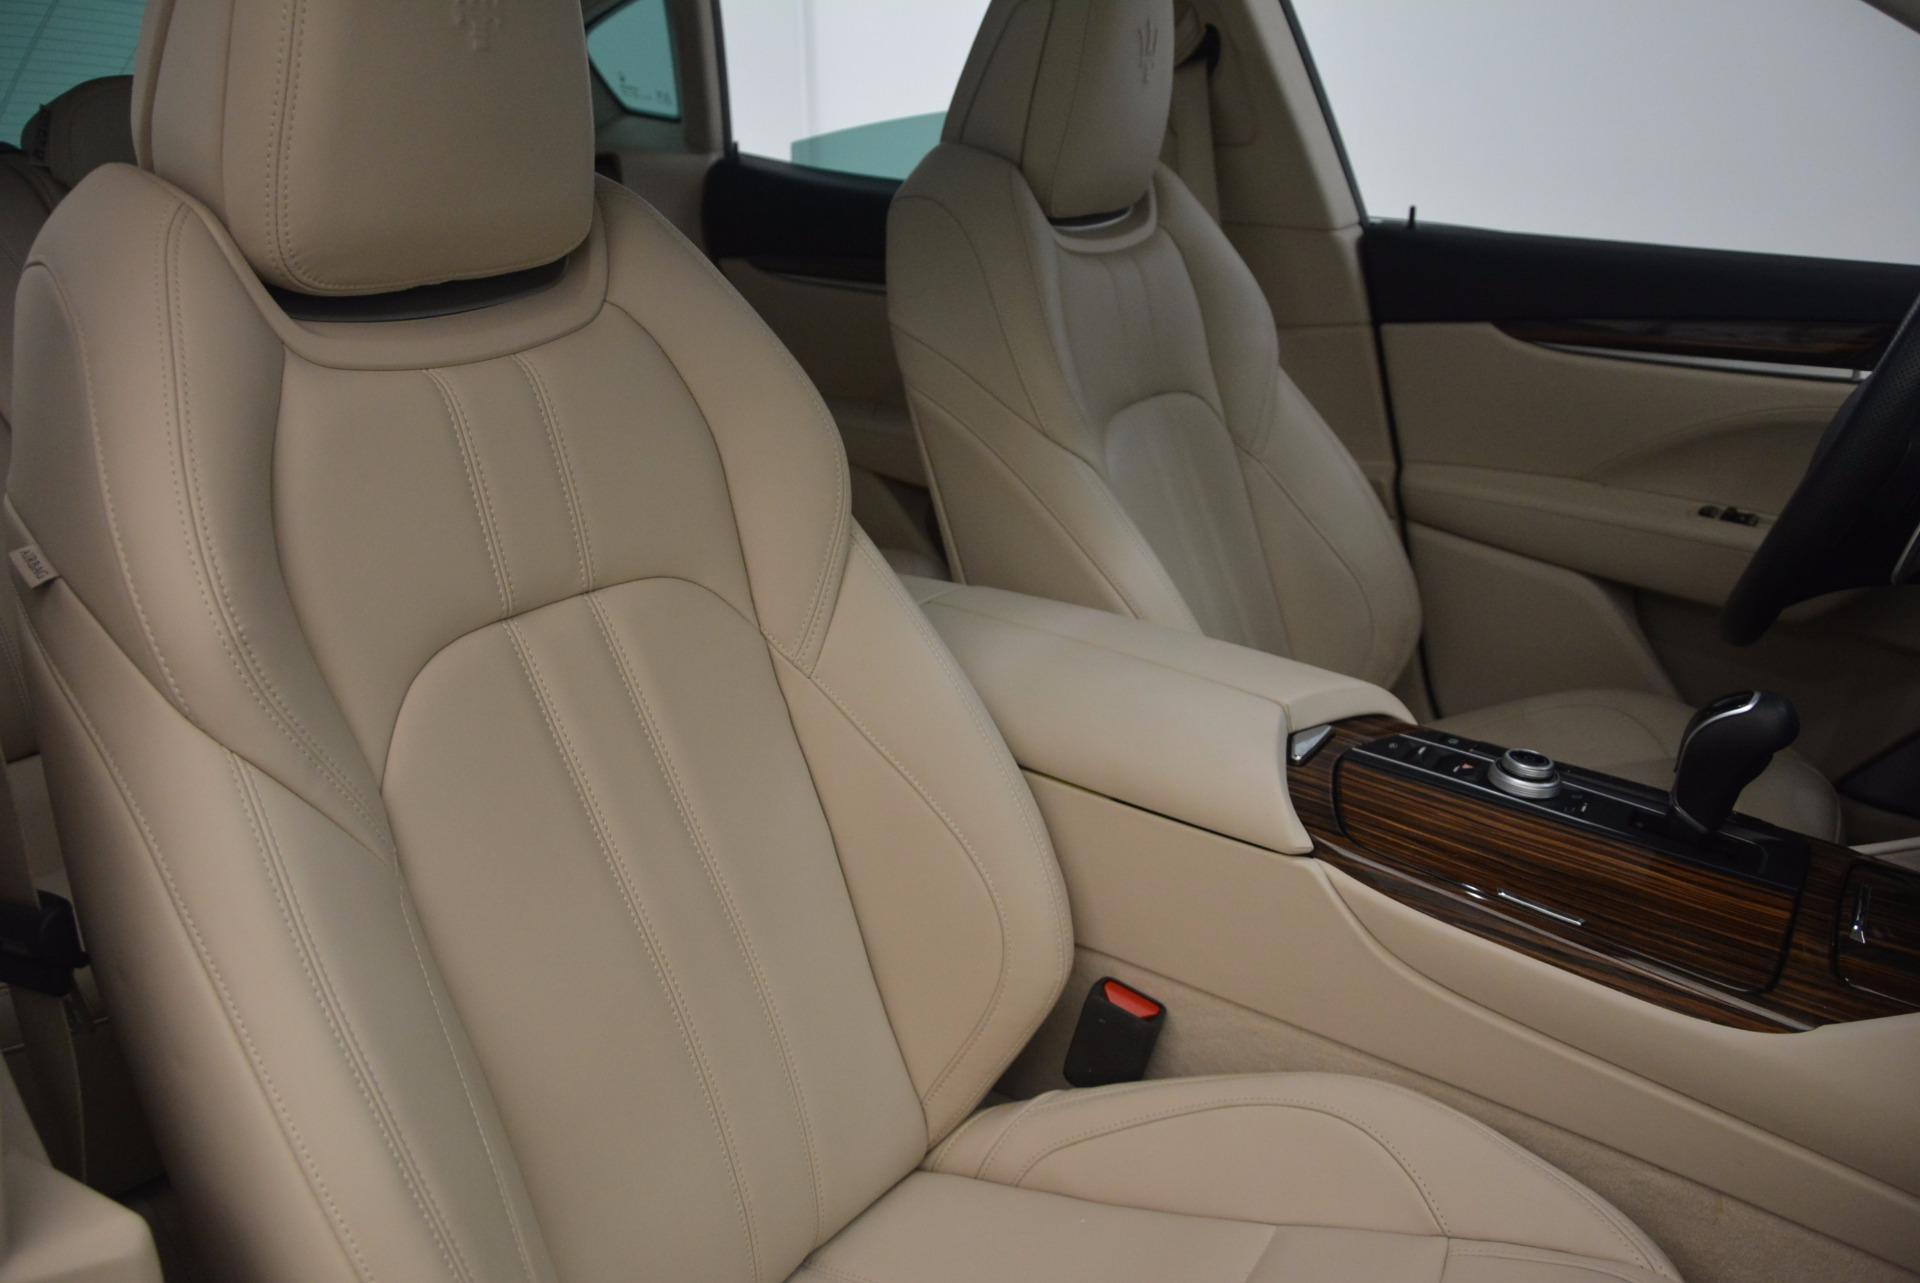 Used 2017 Maserati Levante S For Sale In Greenwich, CT. Alfa Romeo of Greenwich, 7255 1463_p21